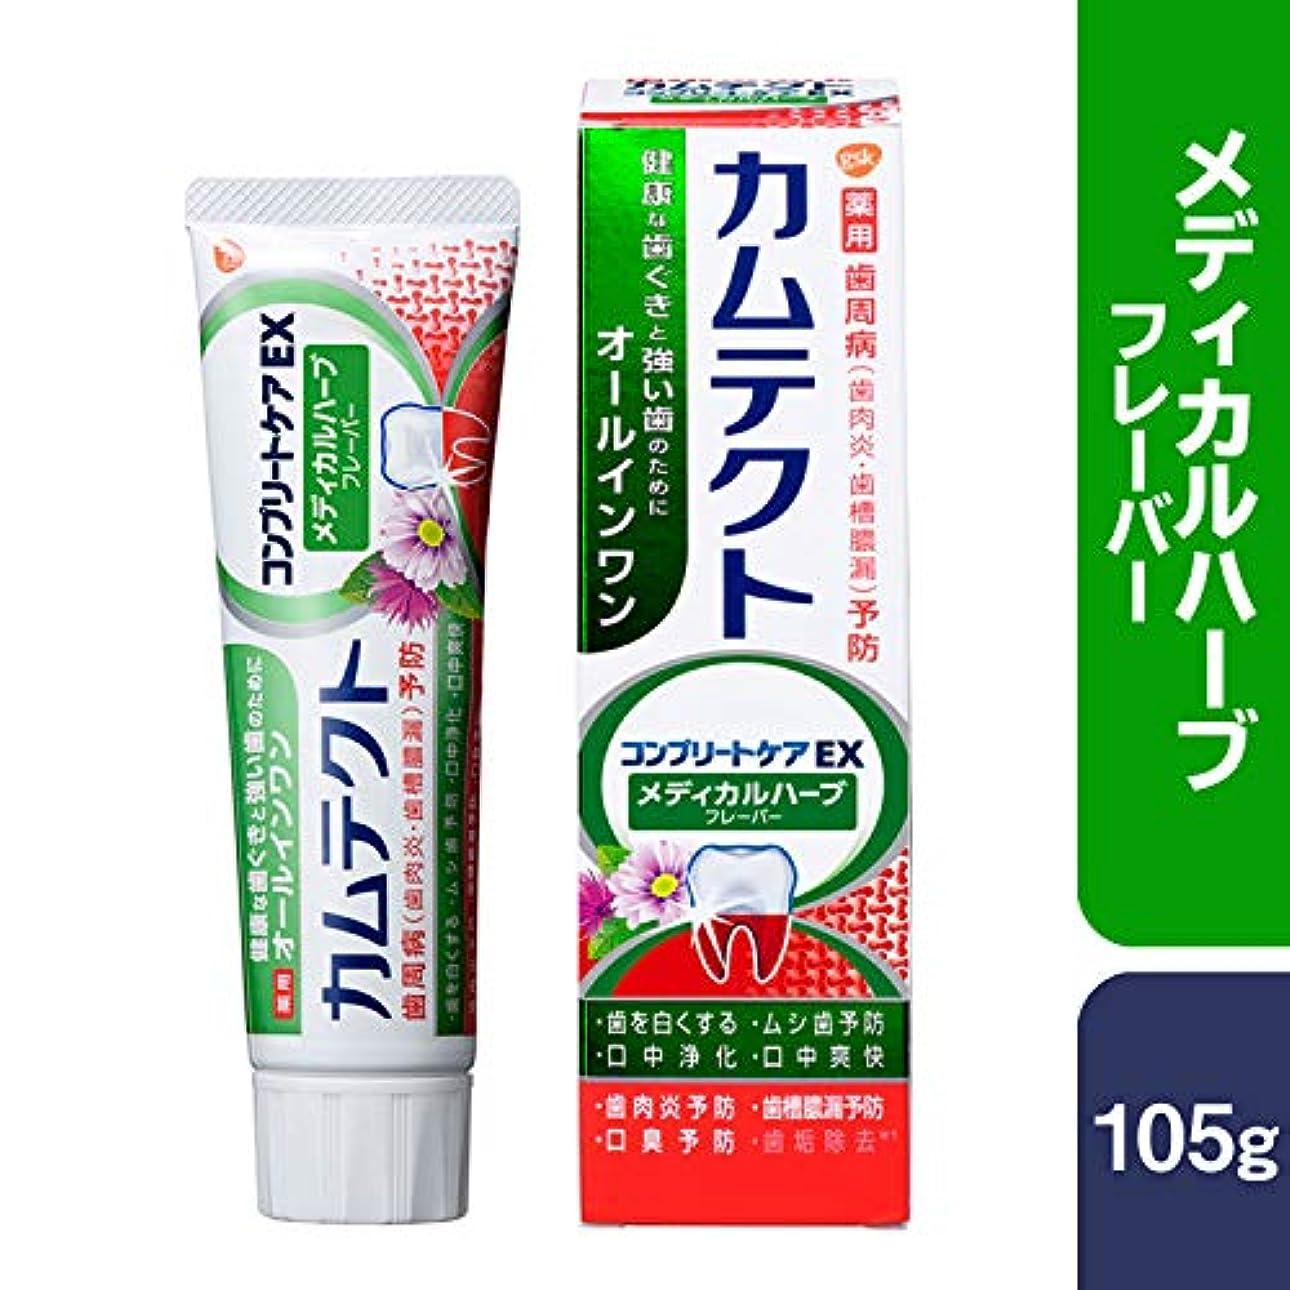 そっと画家憂鬱[医薬部外品] カムテクト コンプリートケアEX メディカルハーブフレーバー 歯磨き粉 105g 105g